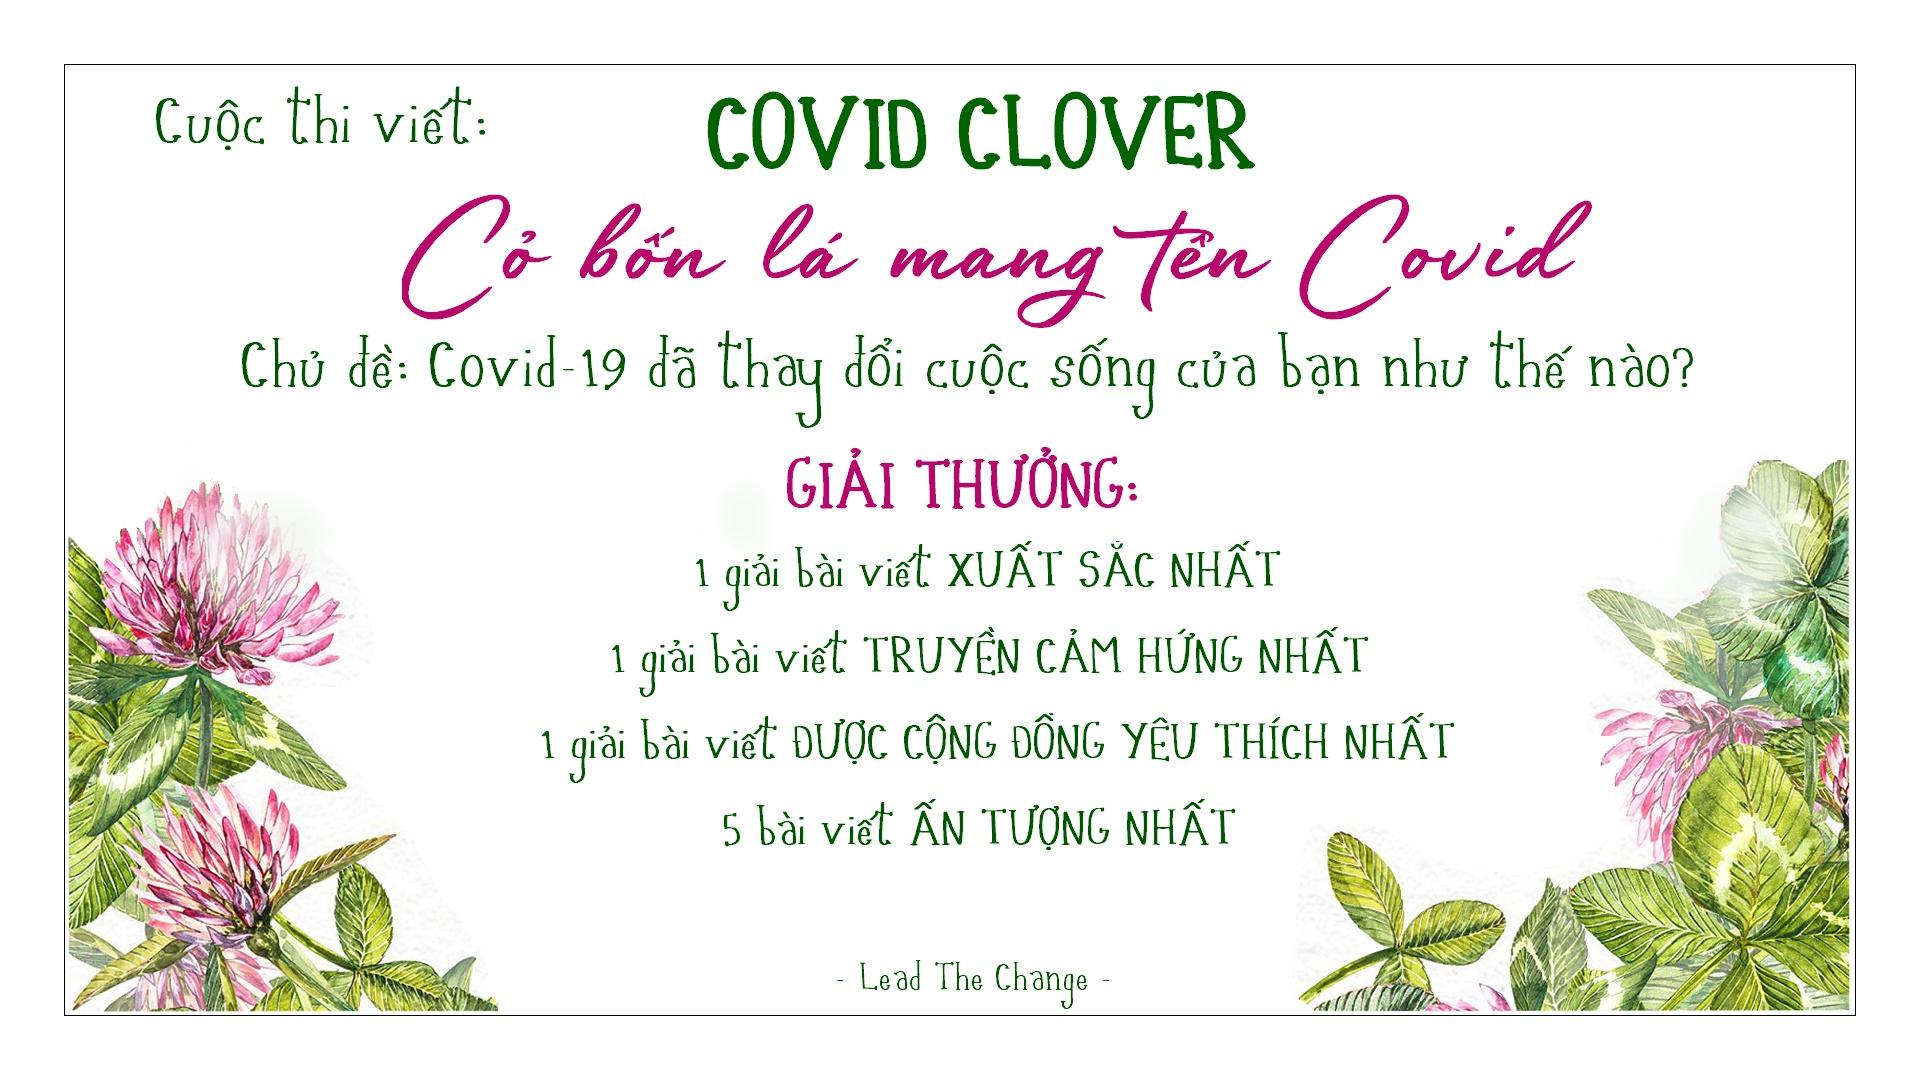 Cuộc Thi Viết Covid Clover 2020 - Cỏ Bốn Lá Mang Tên Covid-19